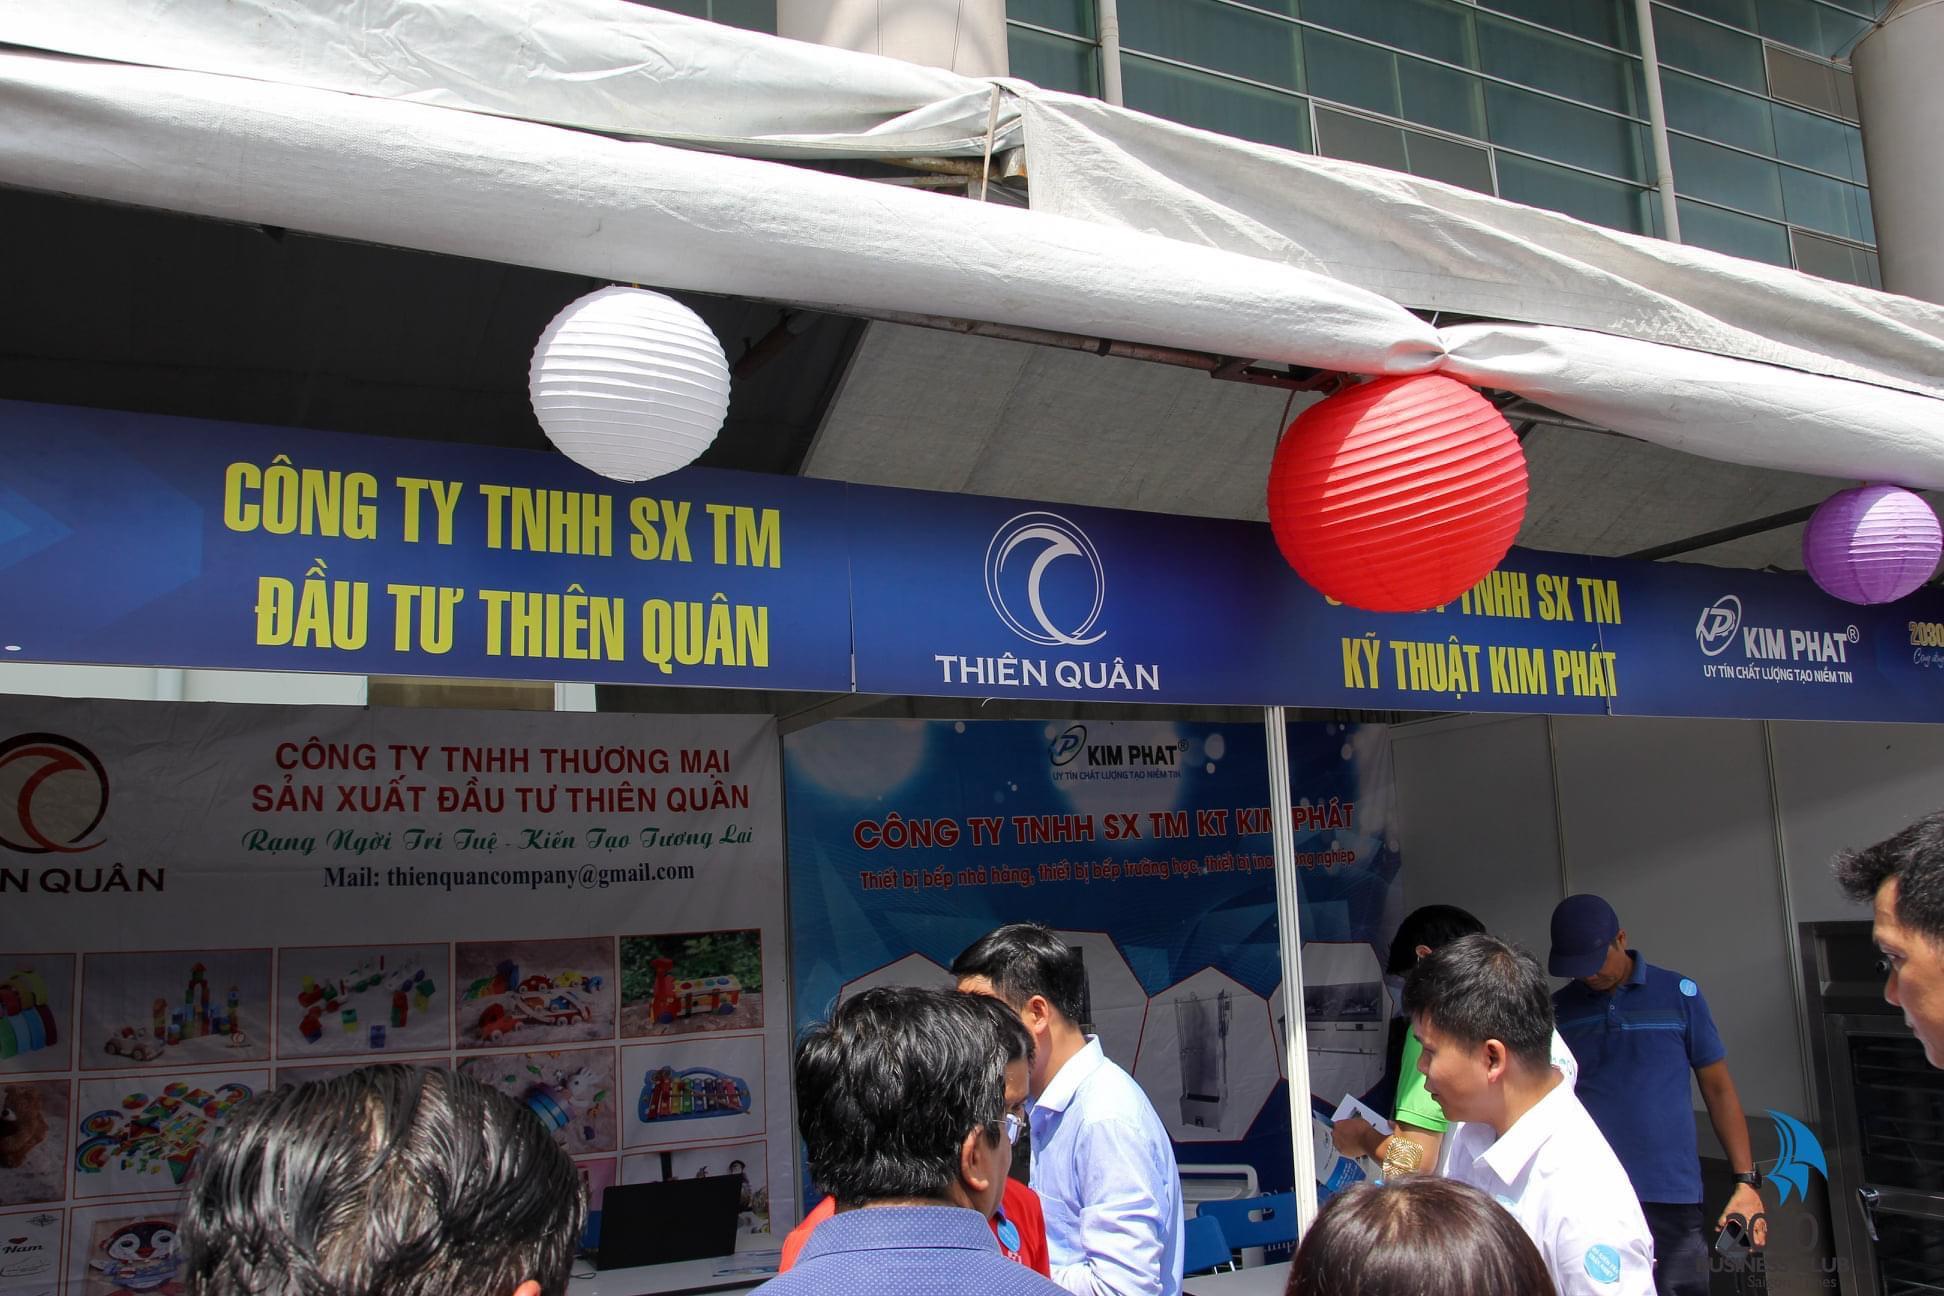 Gian hàng hội chợ tiêu dùng Inox Kim Phát & Thiên Quân